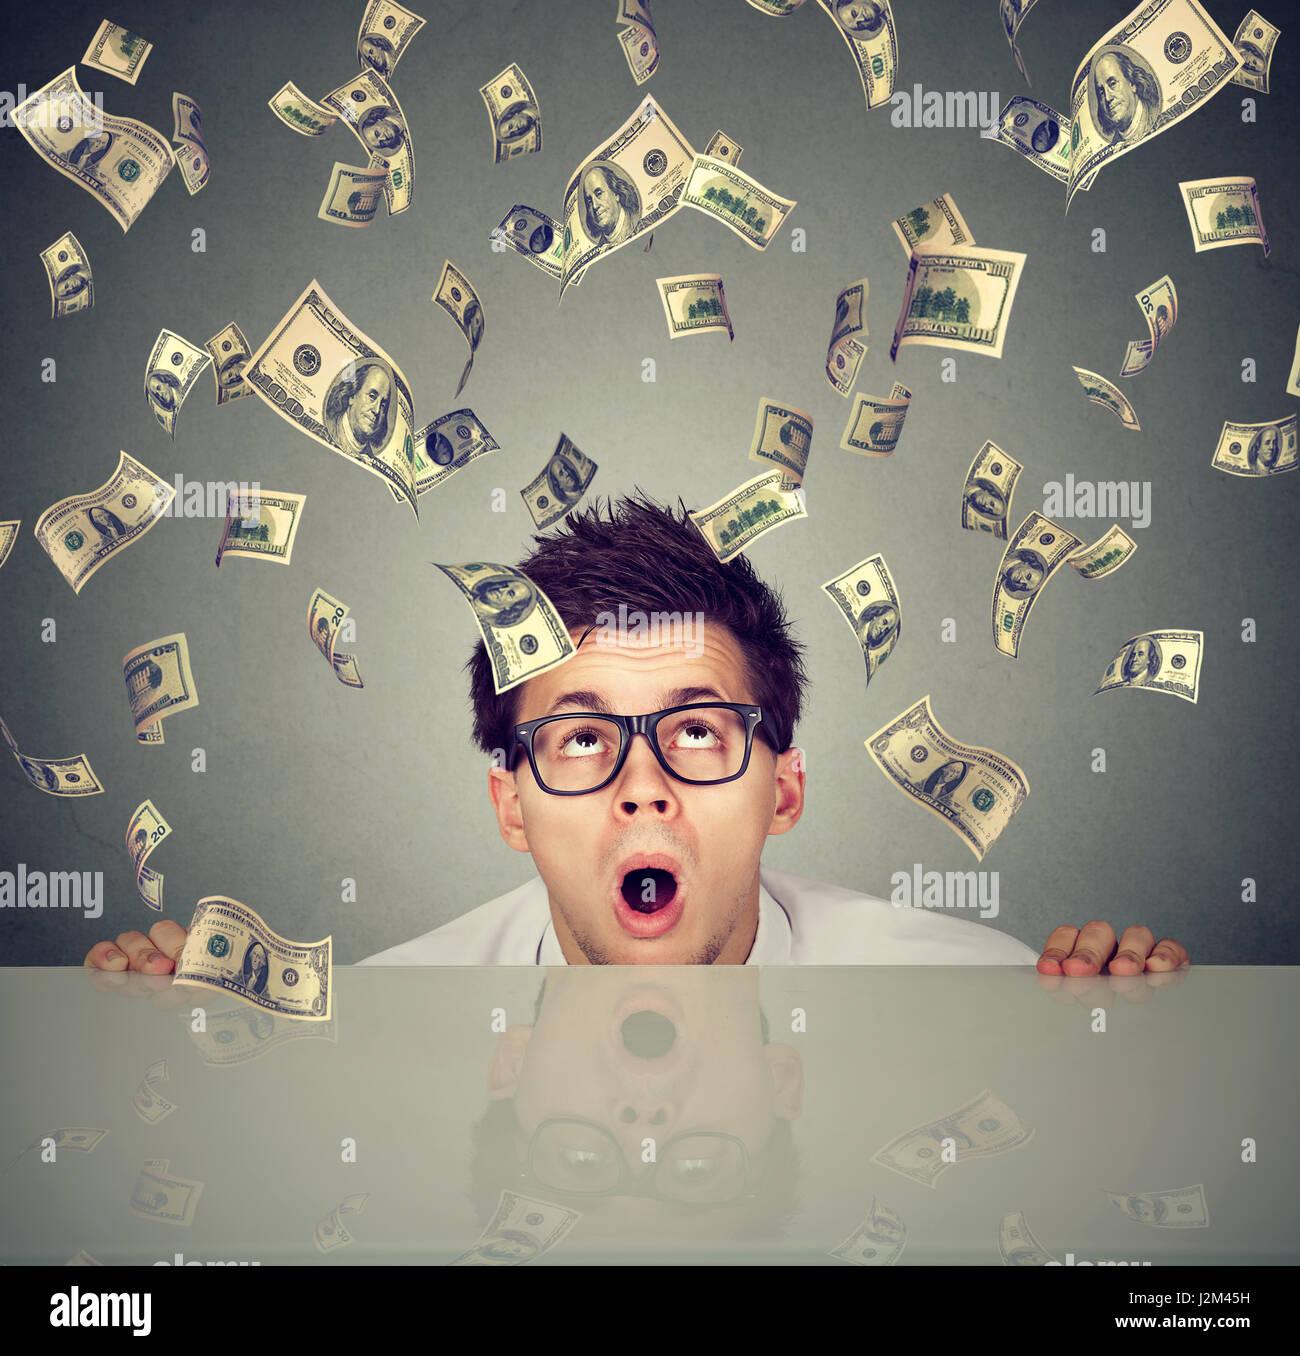 Sorprendido el hombre bajo la lluvia de dinero de mirar debajo de la mesa Imagen De Stock